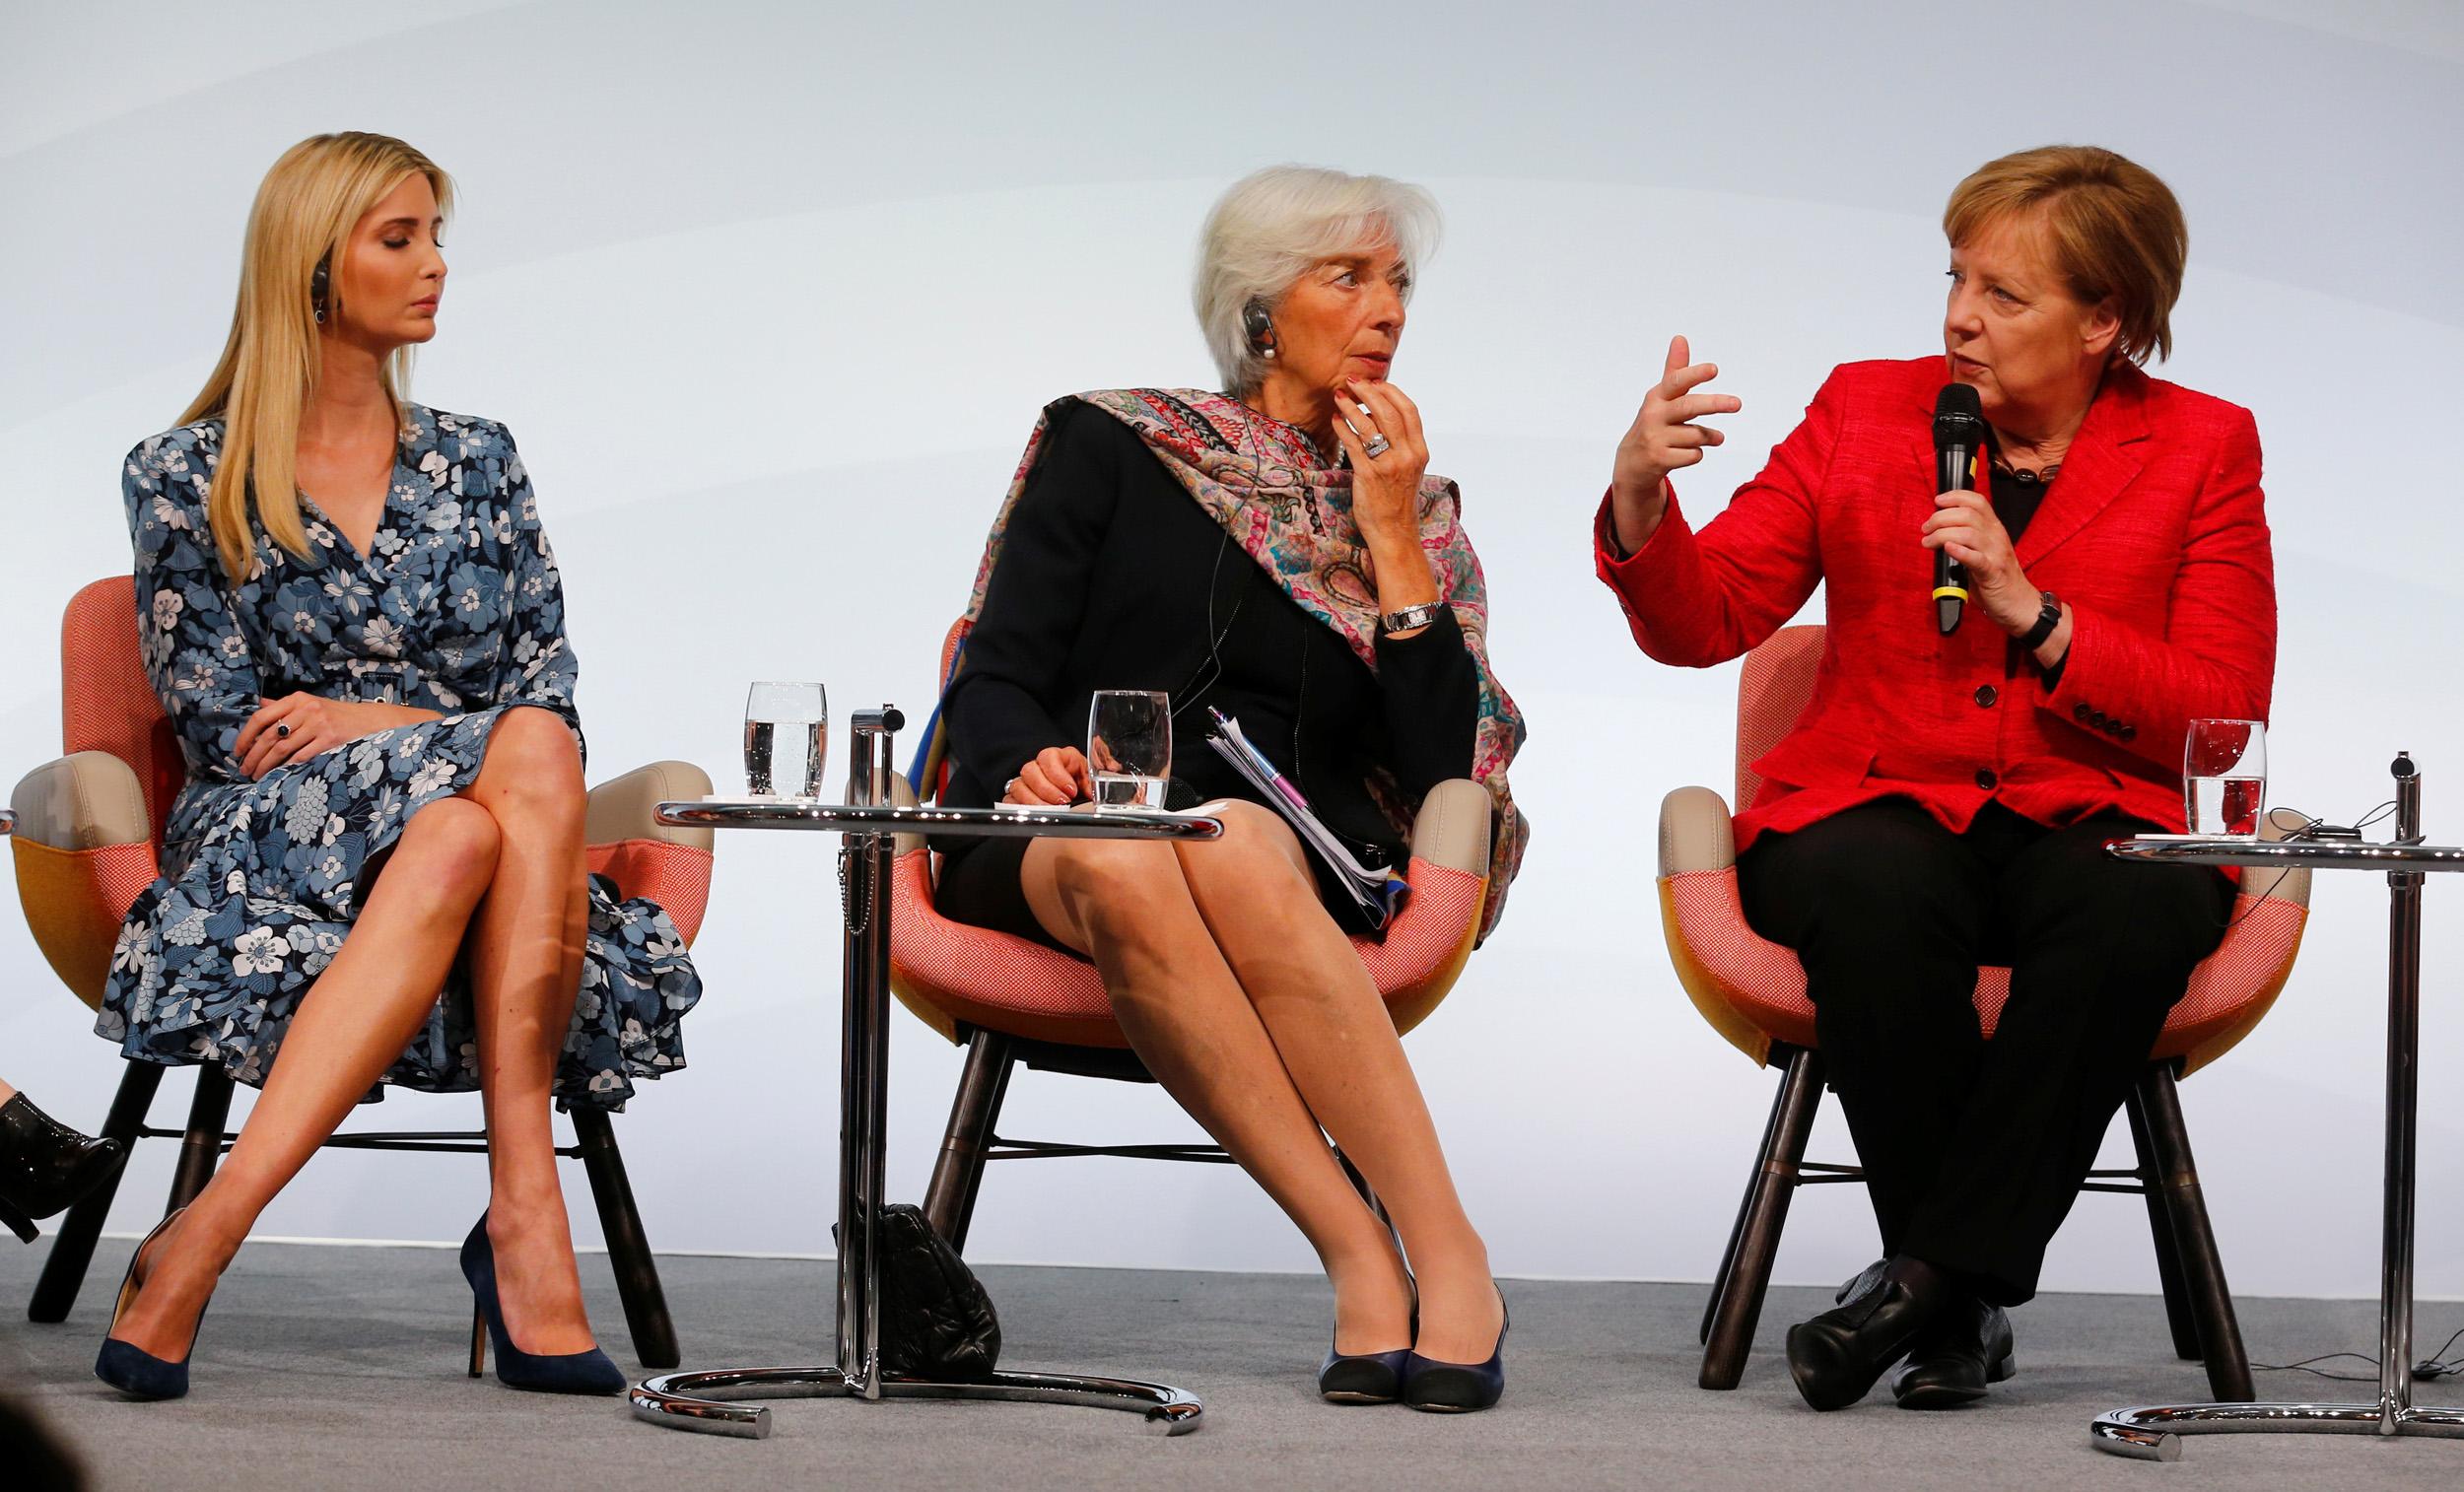 Angela Merkel, Christine Lagarde e Ivanka Trump durante una tavola rotonda al Summit Women20 di Berlino siedono sulle East River Chair di Hella Jongerius